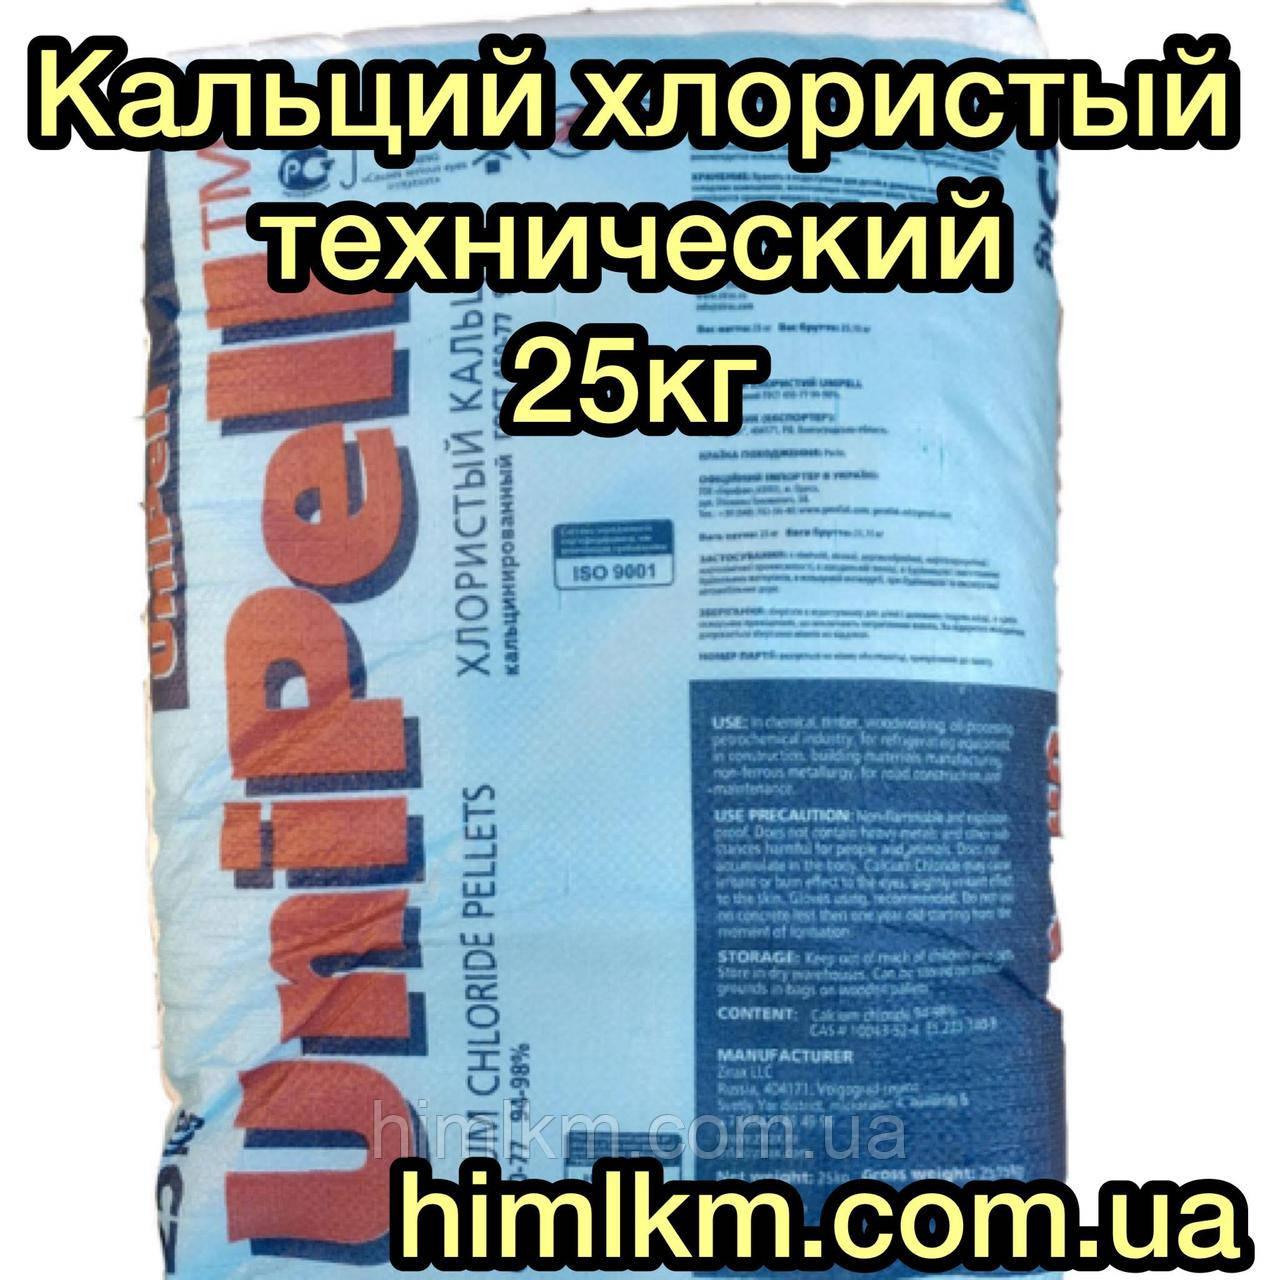 Кальций хлористый технический кальцинированный UNIPELL по ГОСТ 450-77, 25кг